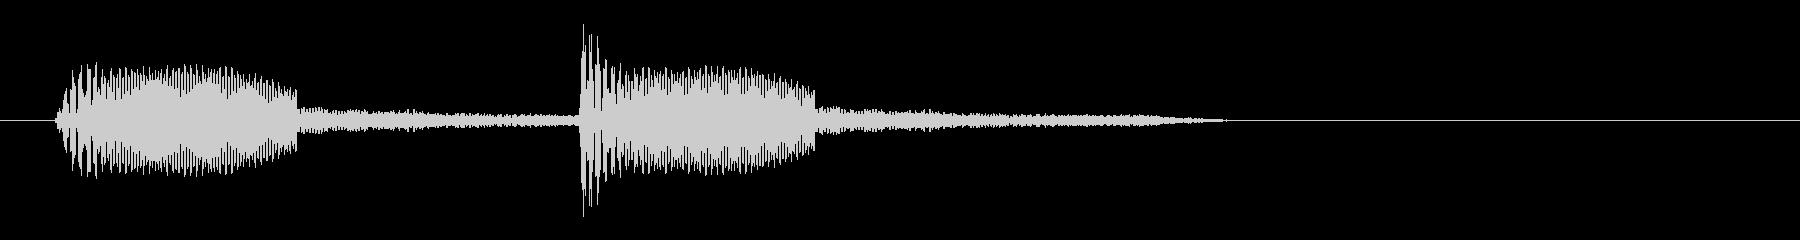 ポップで弾みのある音の未再生の波形